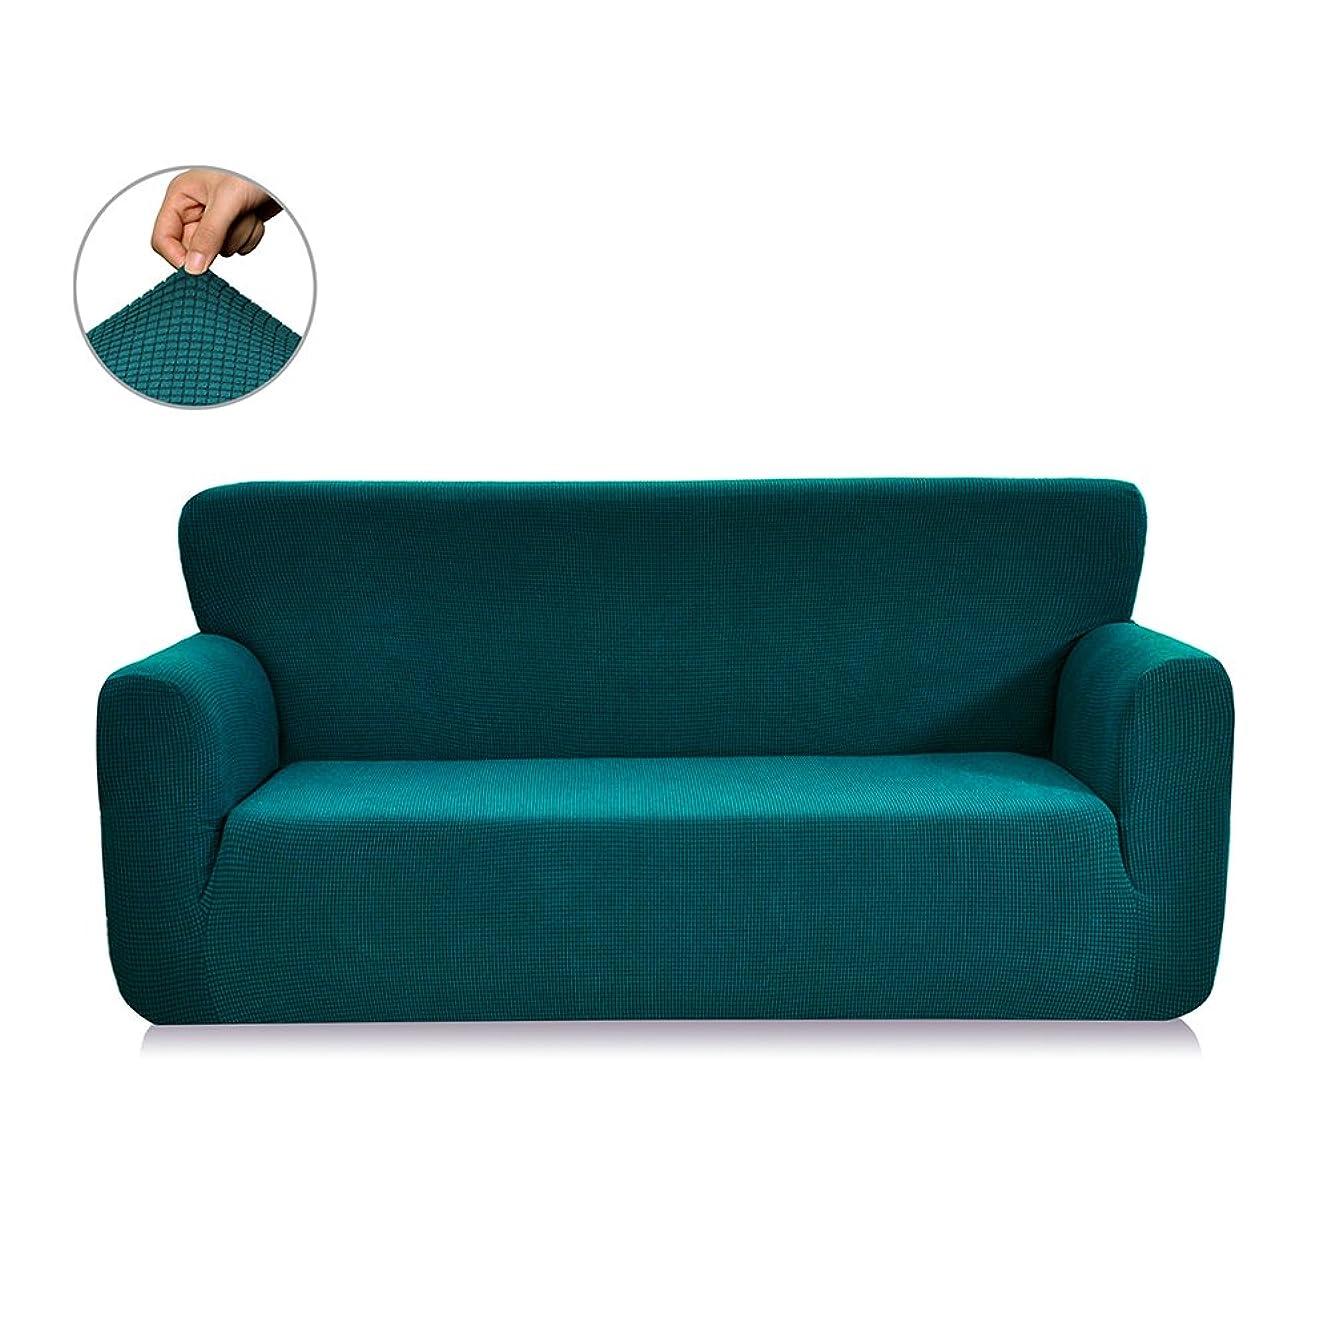 逆説ある同級生Rakuby ユニバーサル ジャカード 伸縮性 椅子/ラブシート/ソファカバー ストラップレス スリップカバー 取り外し可能 洗濯可能カバー 3人掛けソファ ピーコックブルー用 家具プロテクター